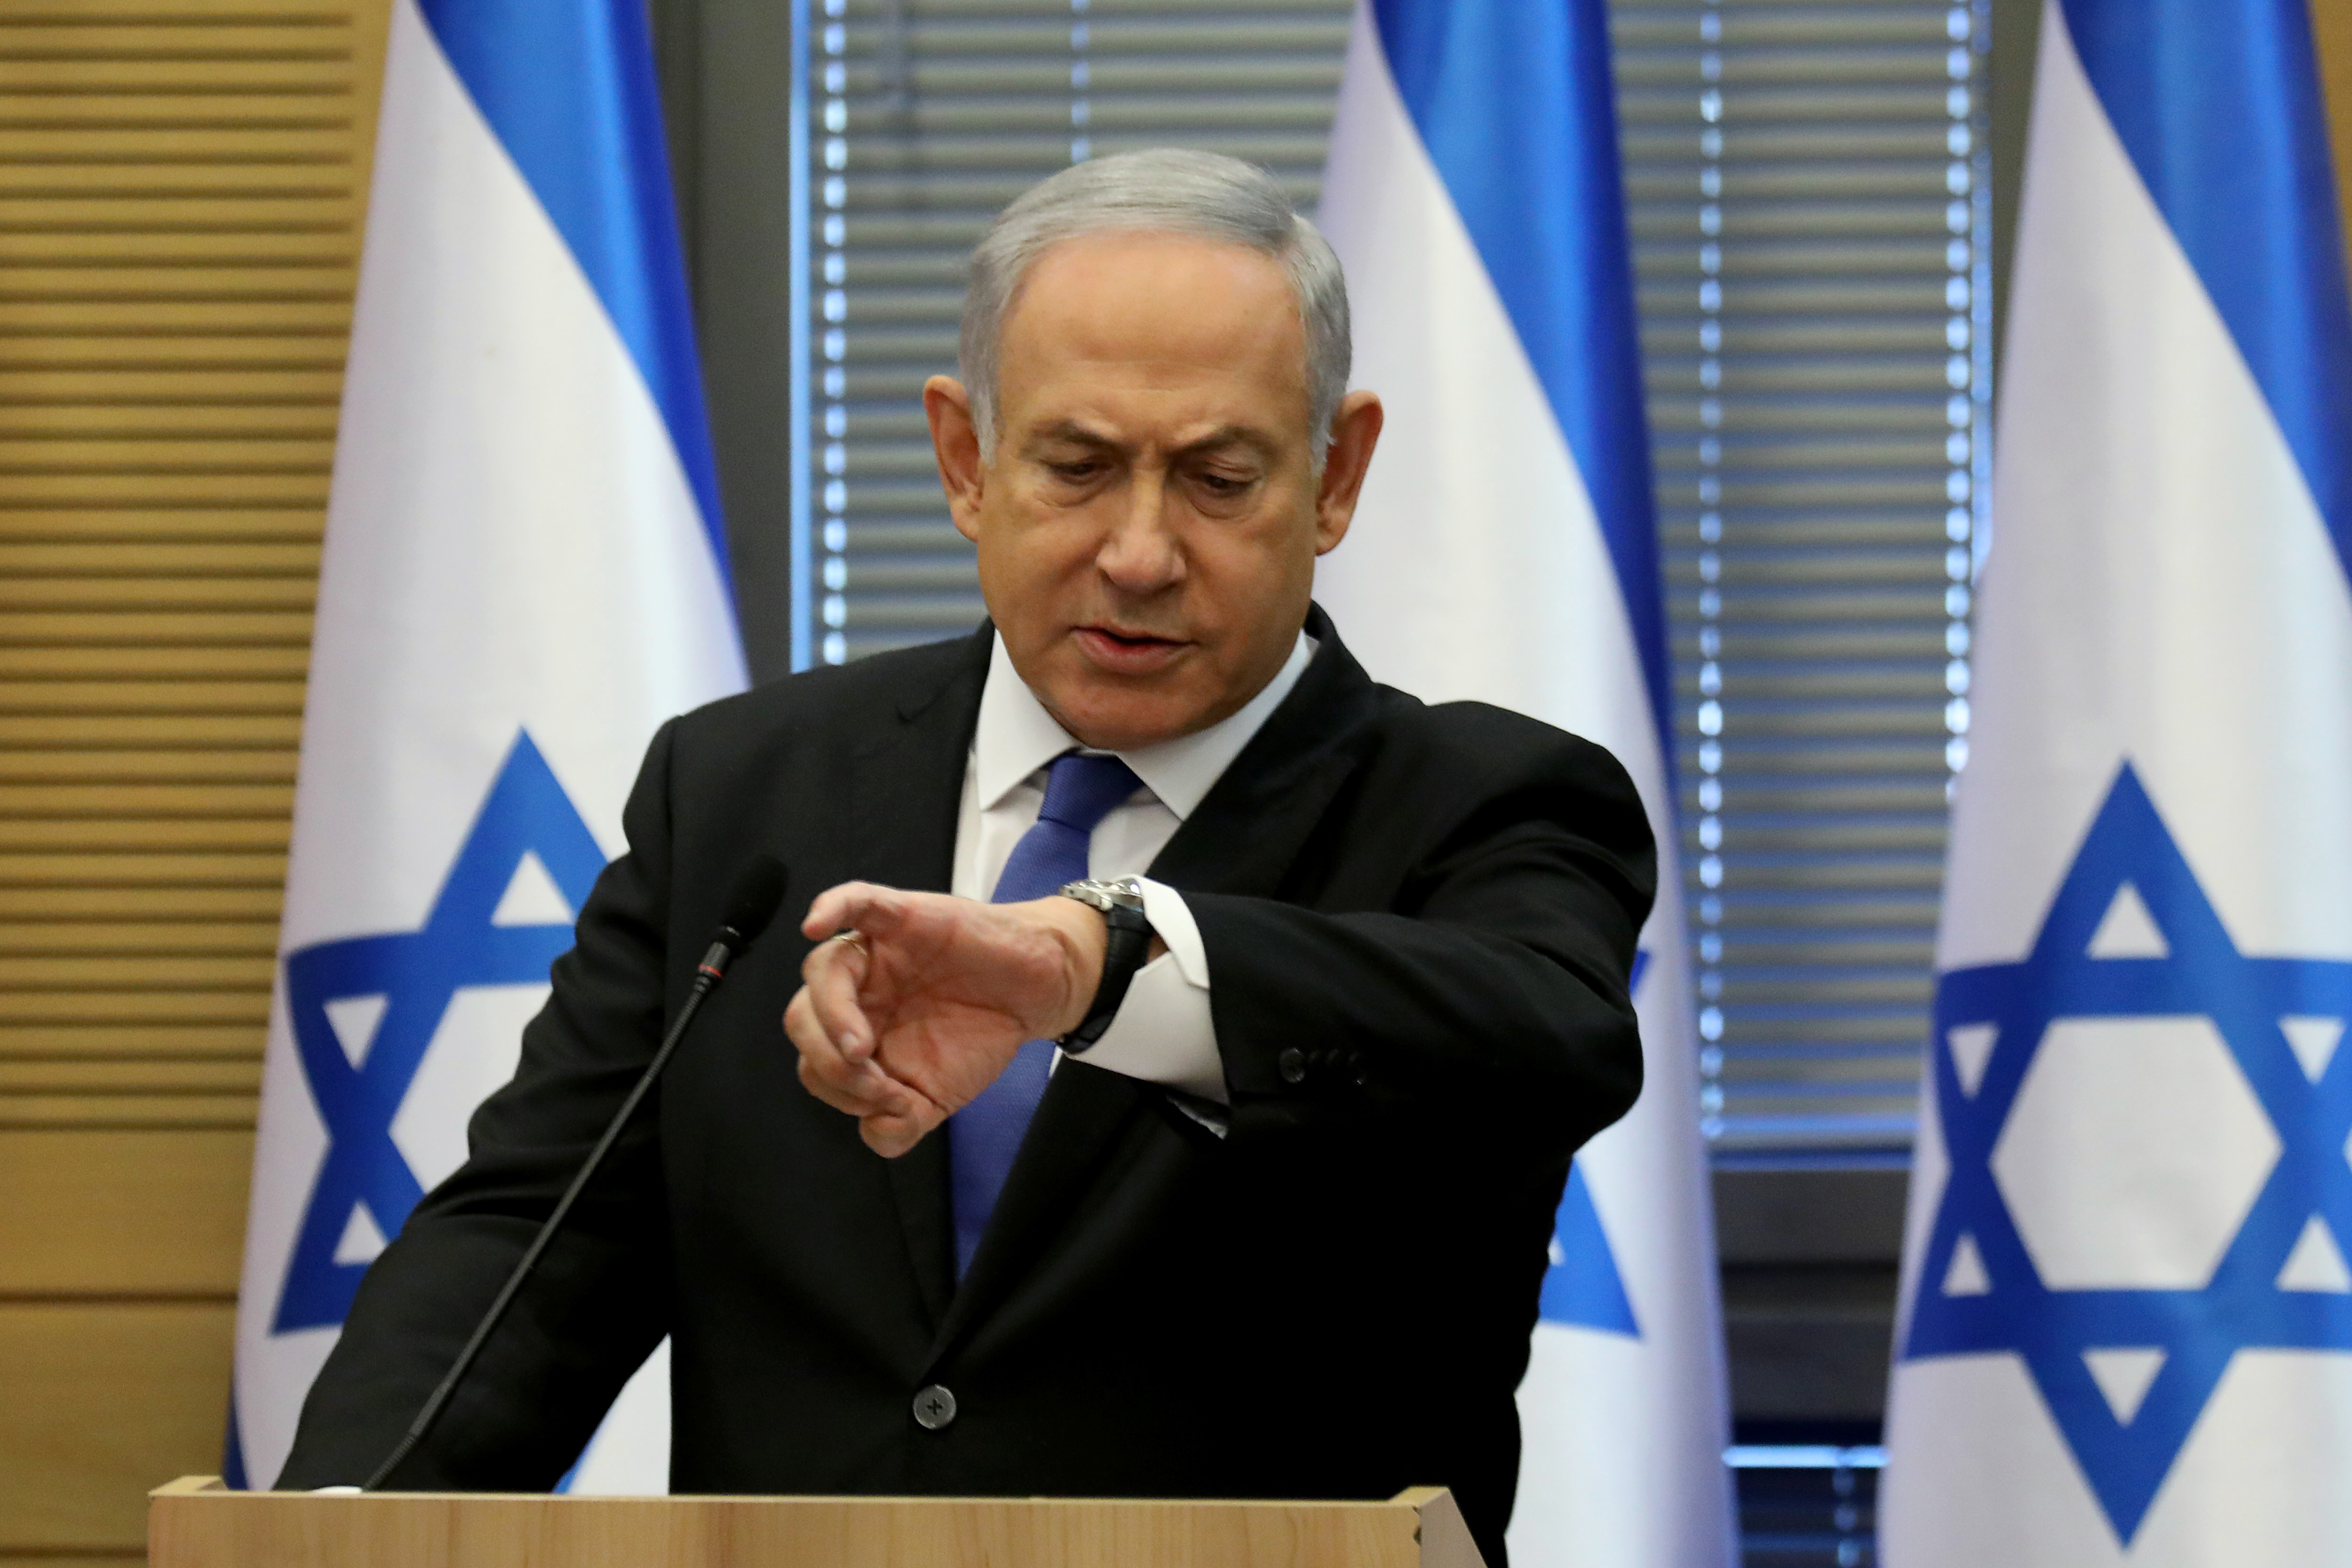 A korrupcióval vádolt Netanjahu kinevezte utódait a miniszteri posztokra, amiket feladni kényszerült